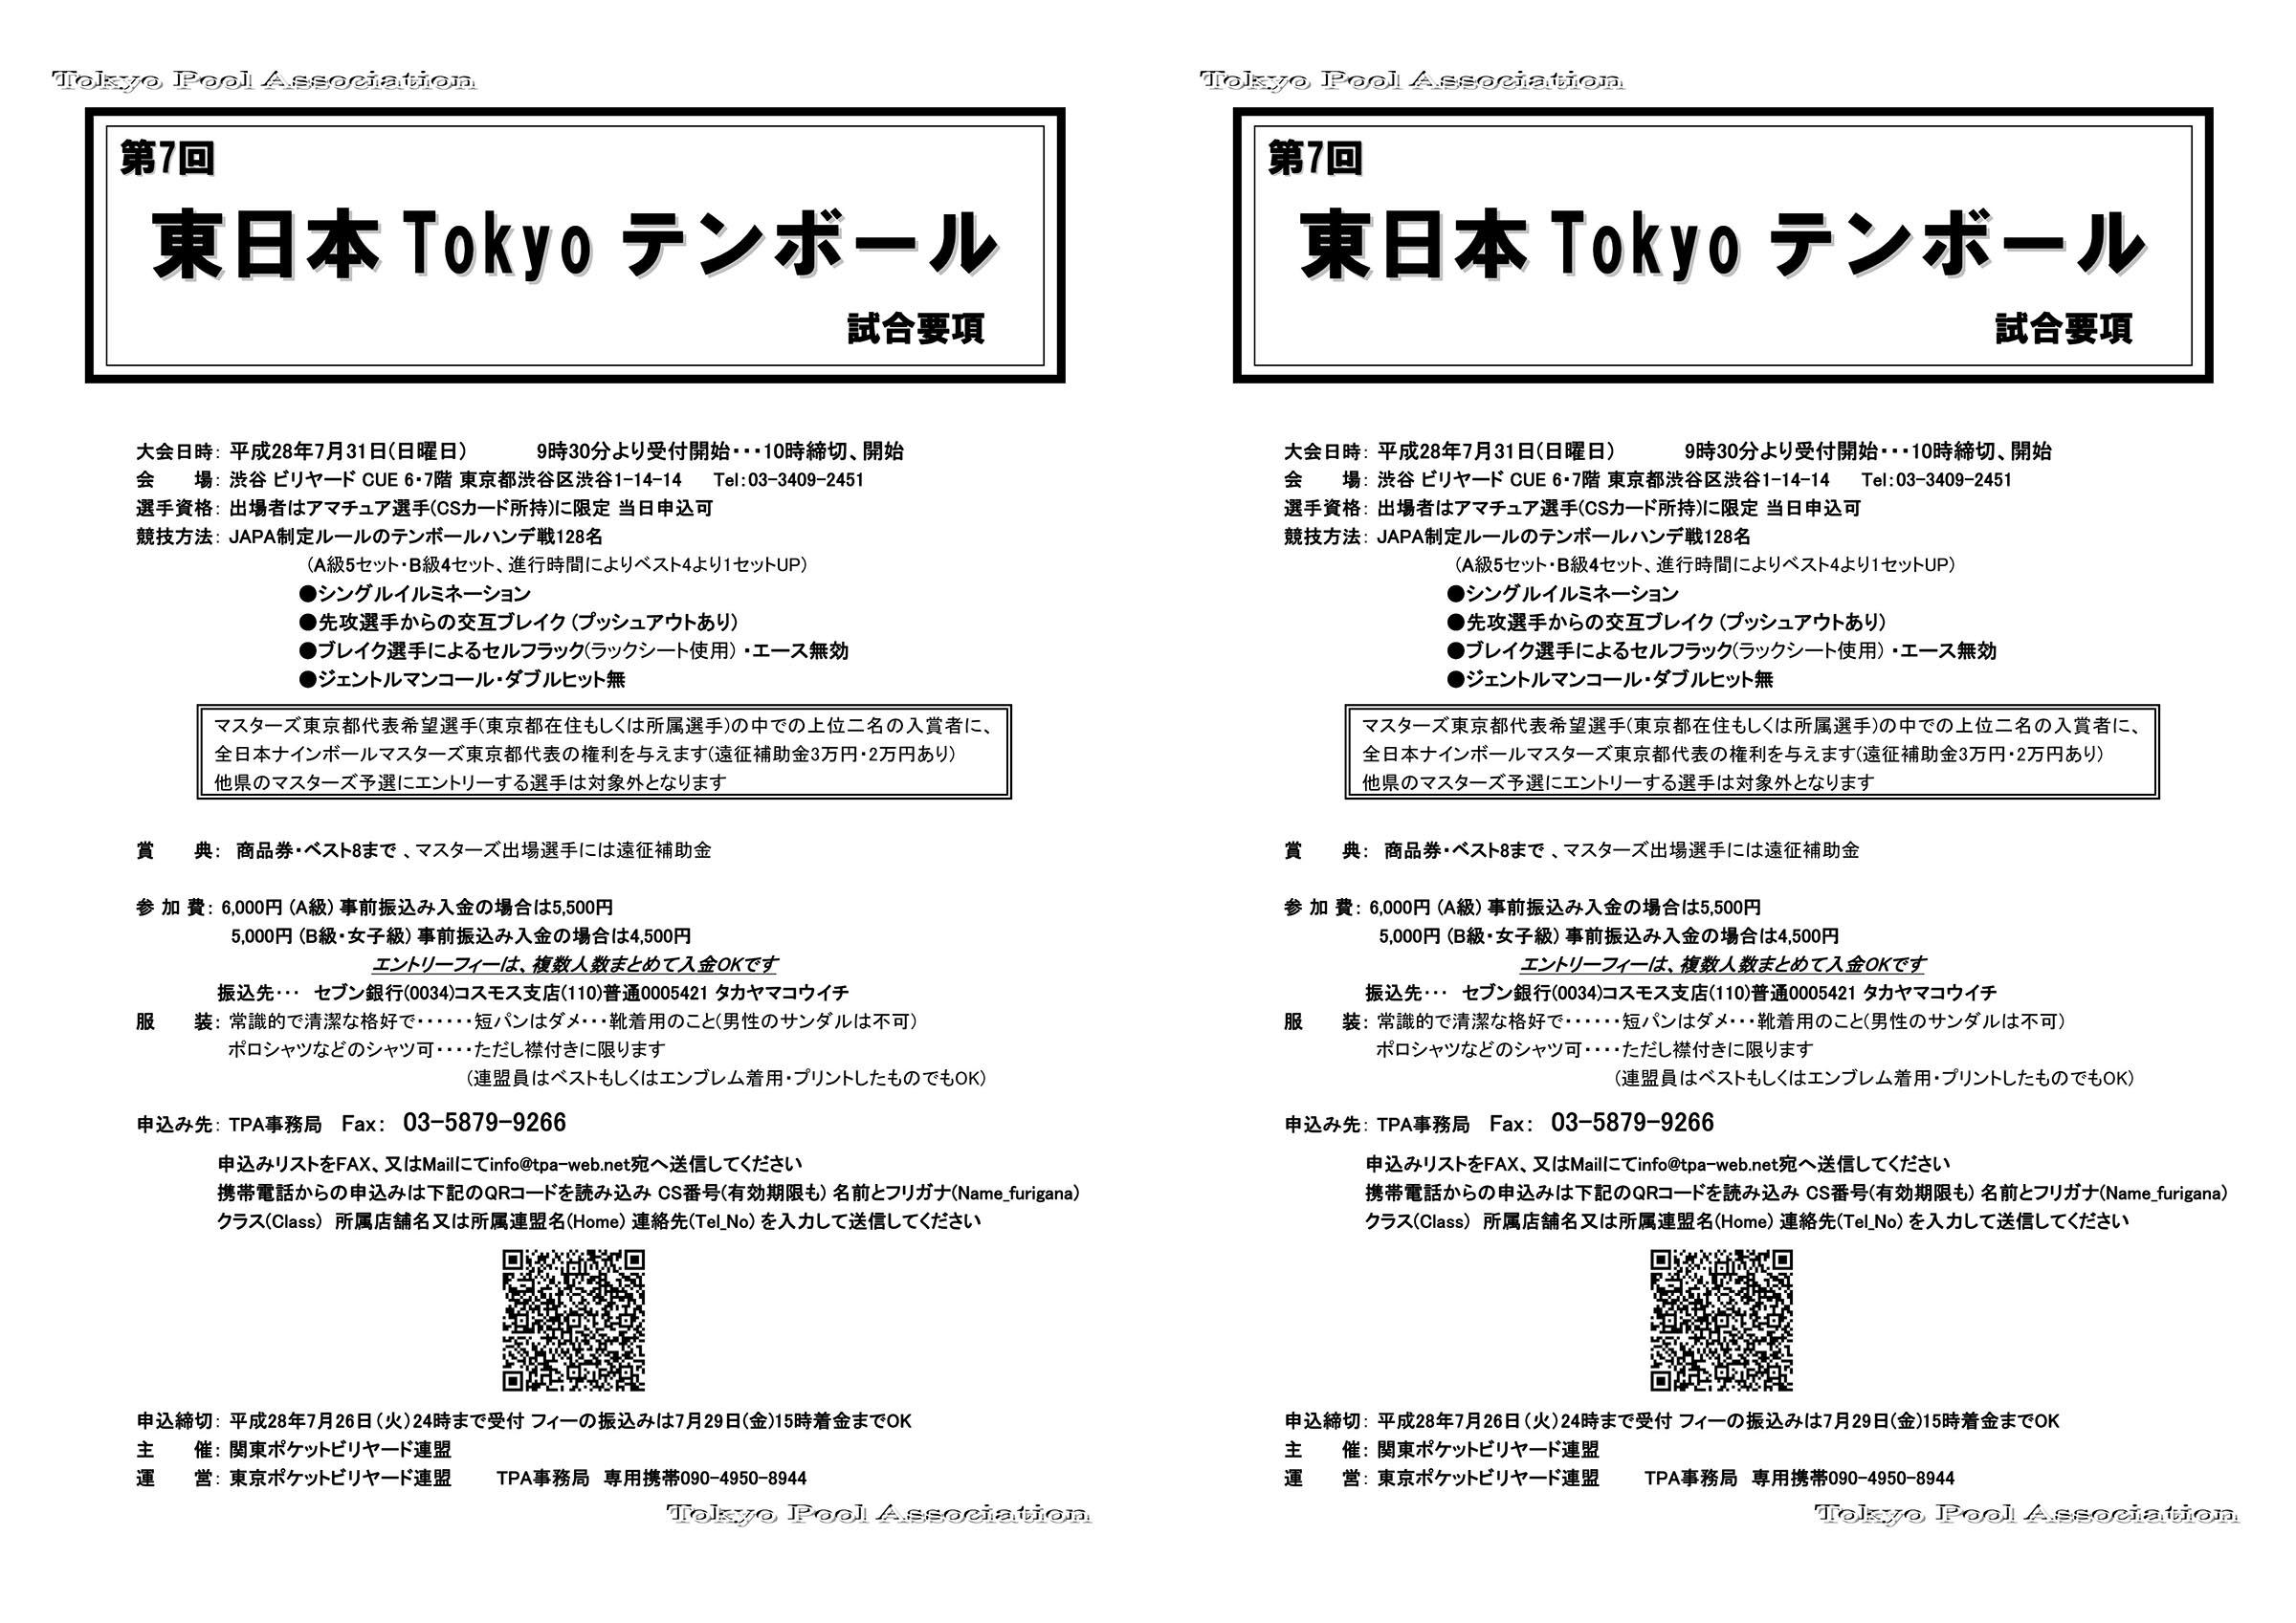 東日本Tokyoテンボール要項_20160731_02